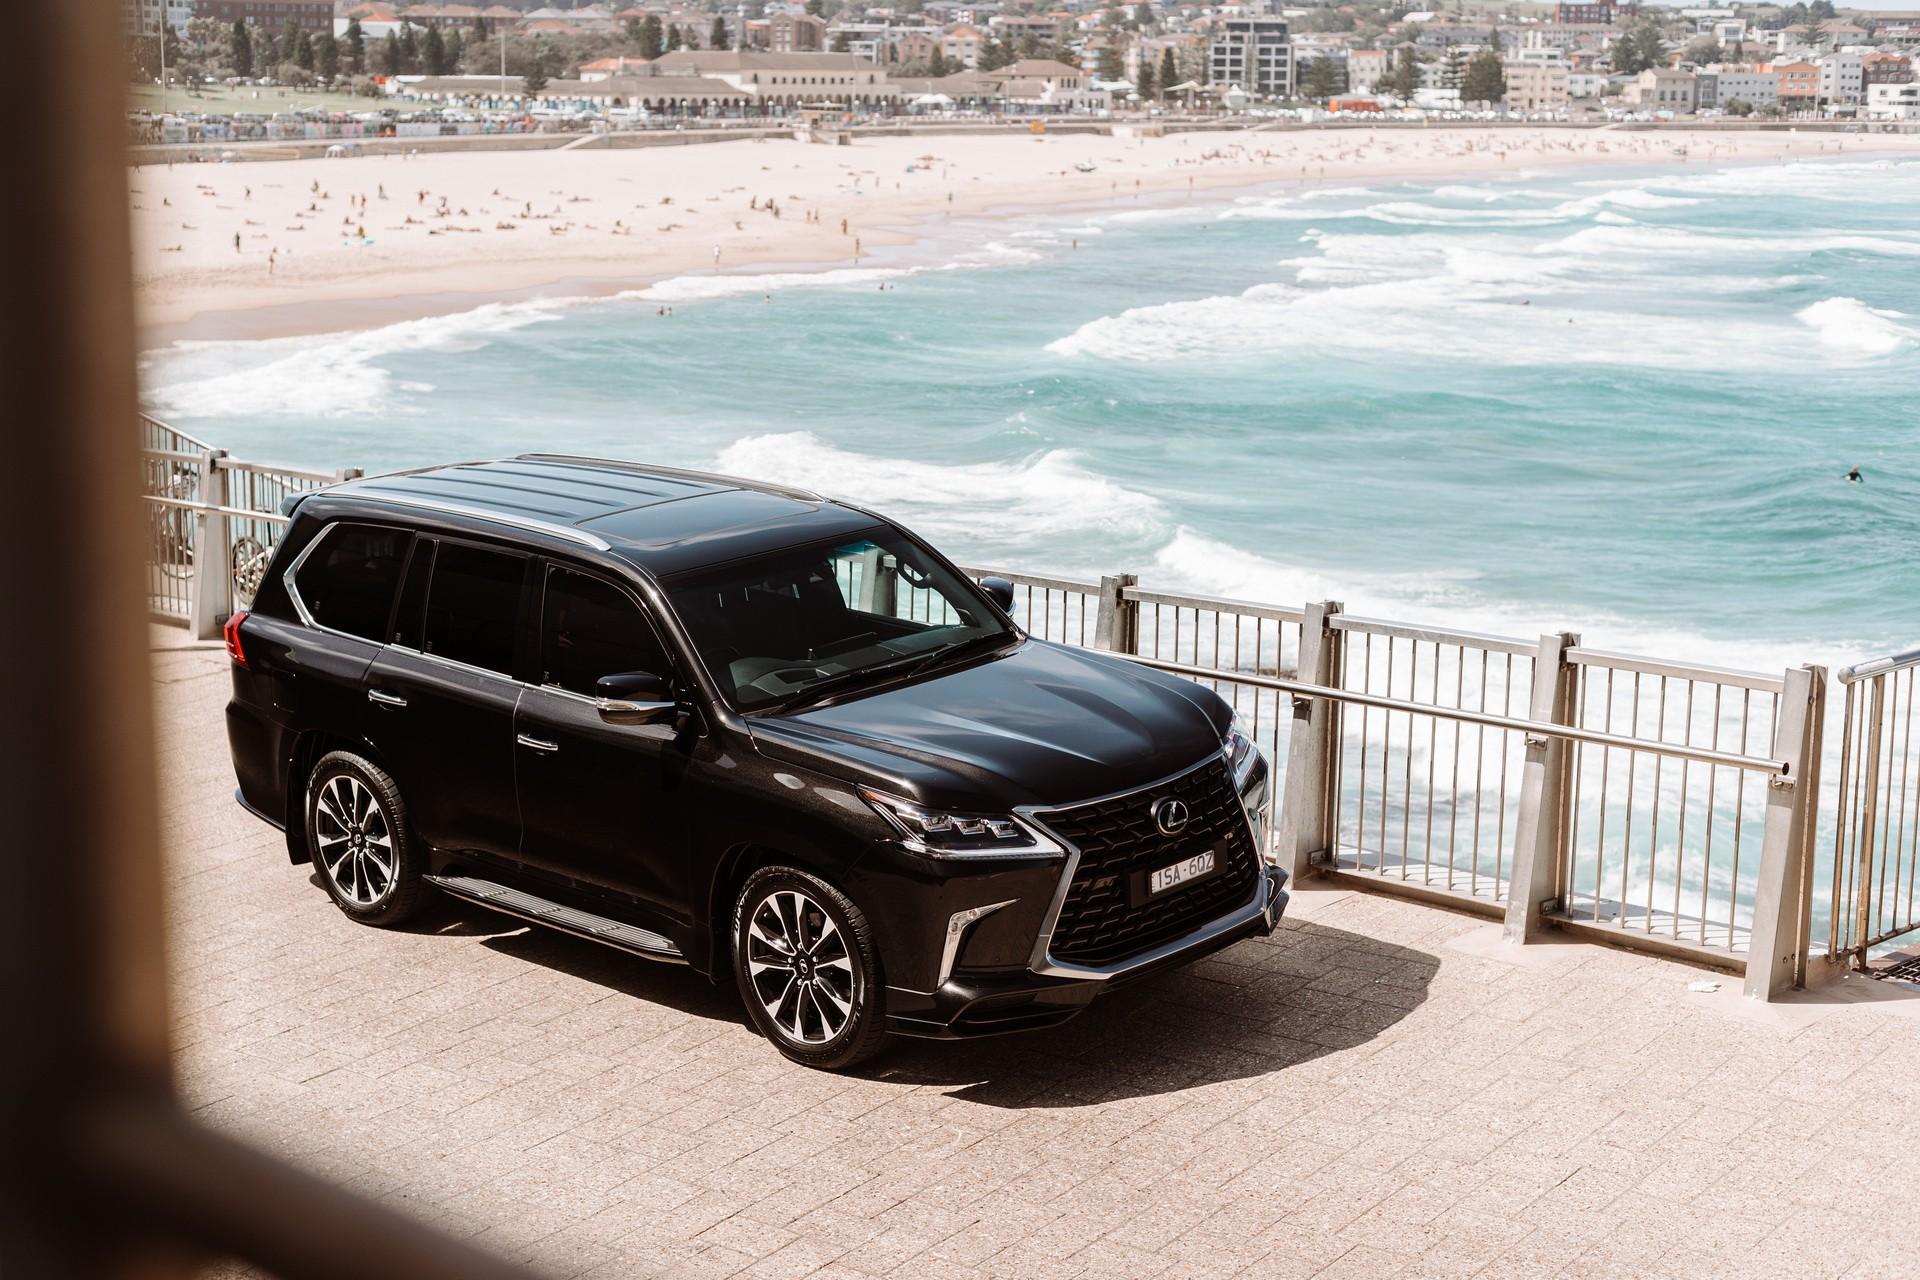 Đánh giá xe Lexus LX570 S 2022: Những cải tiến cho mẫu SUV hạng sang thương hiệu Nhật Bản